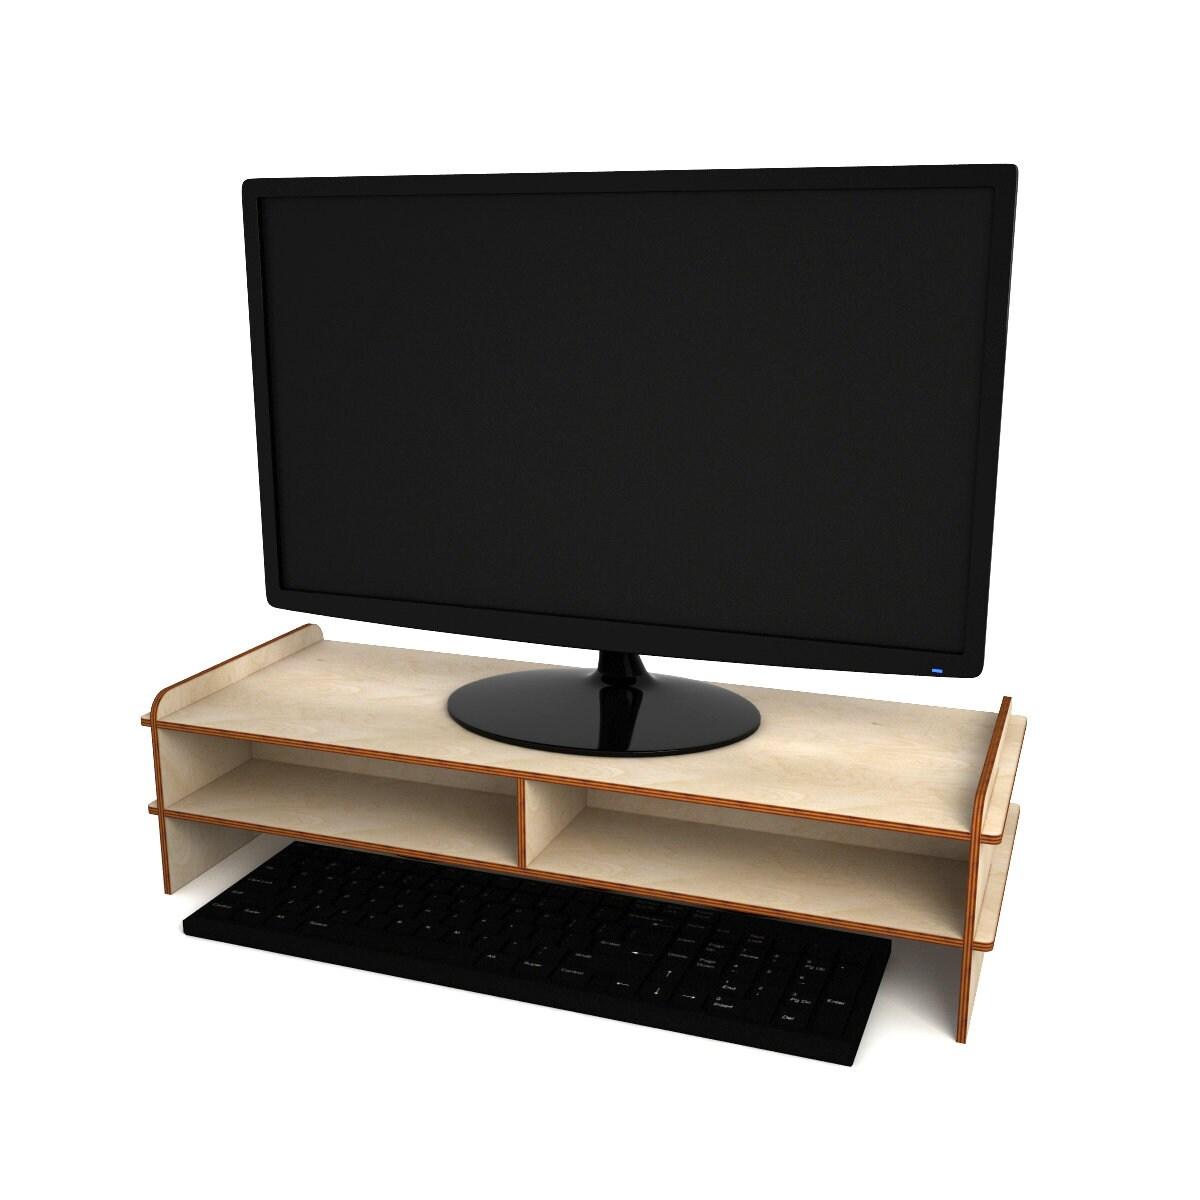 Vecteur de support en bois pour le fichier vectoriel CNC svg, fichier de coupe vectorielle, art vectoriel numérique, cnc, fichier cnc, modèle cnc, coupe cnc